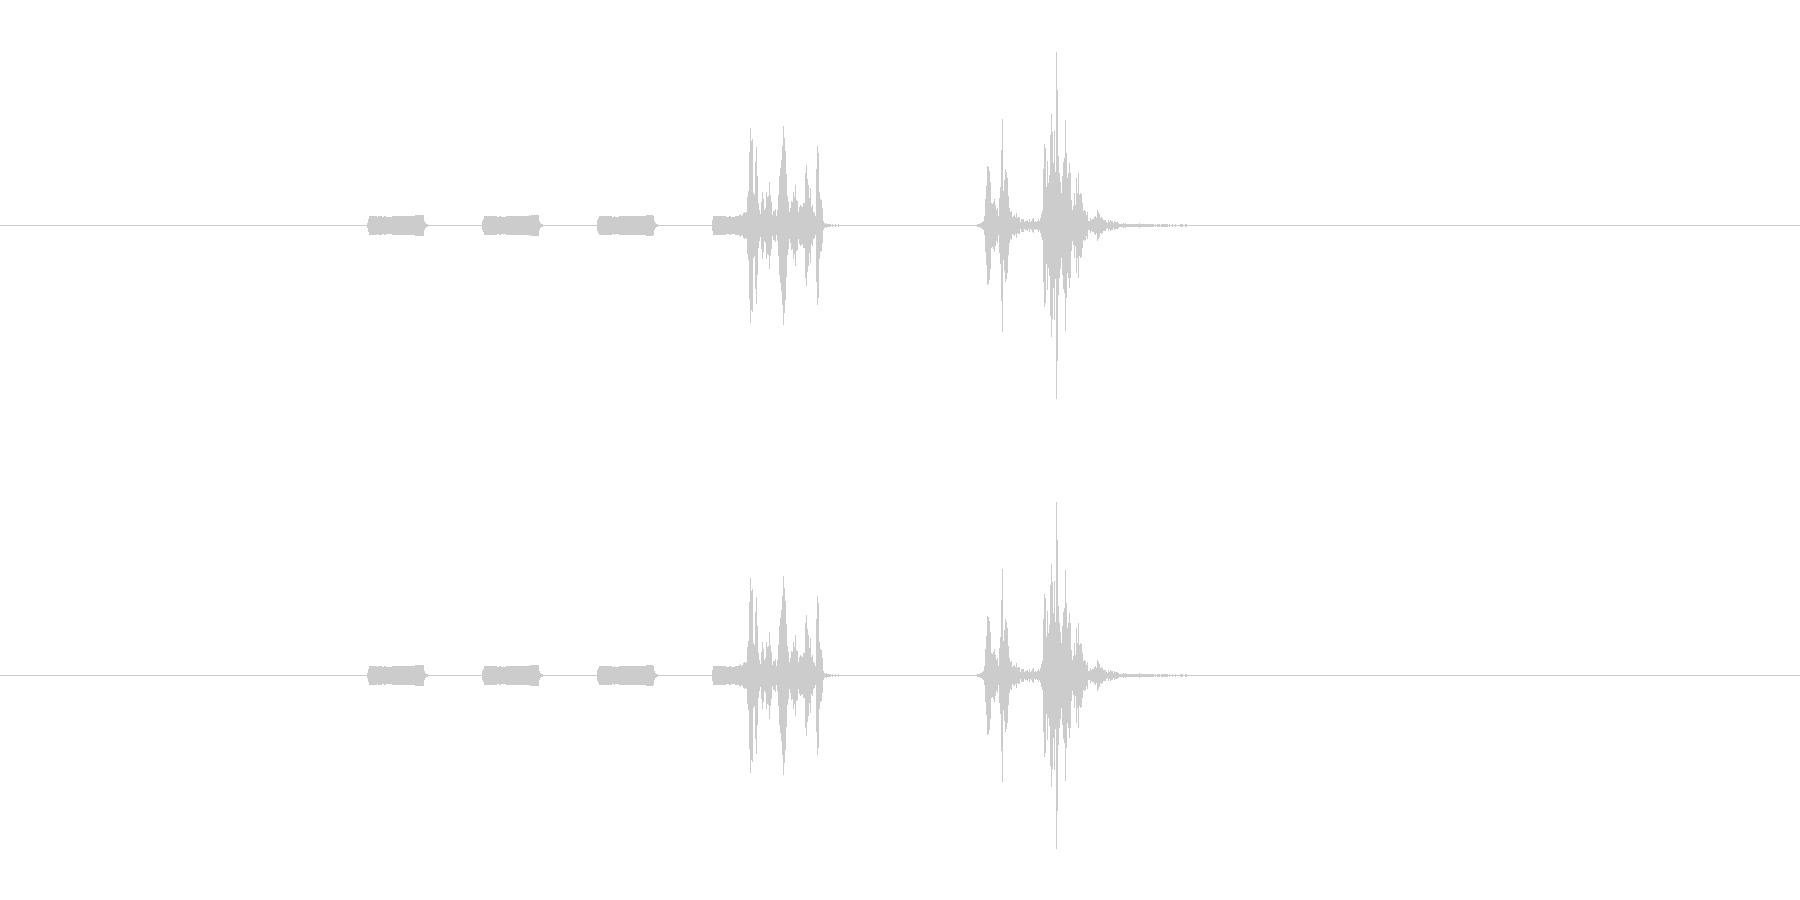 デジカメ風シャッター音_06の未再生の波形